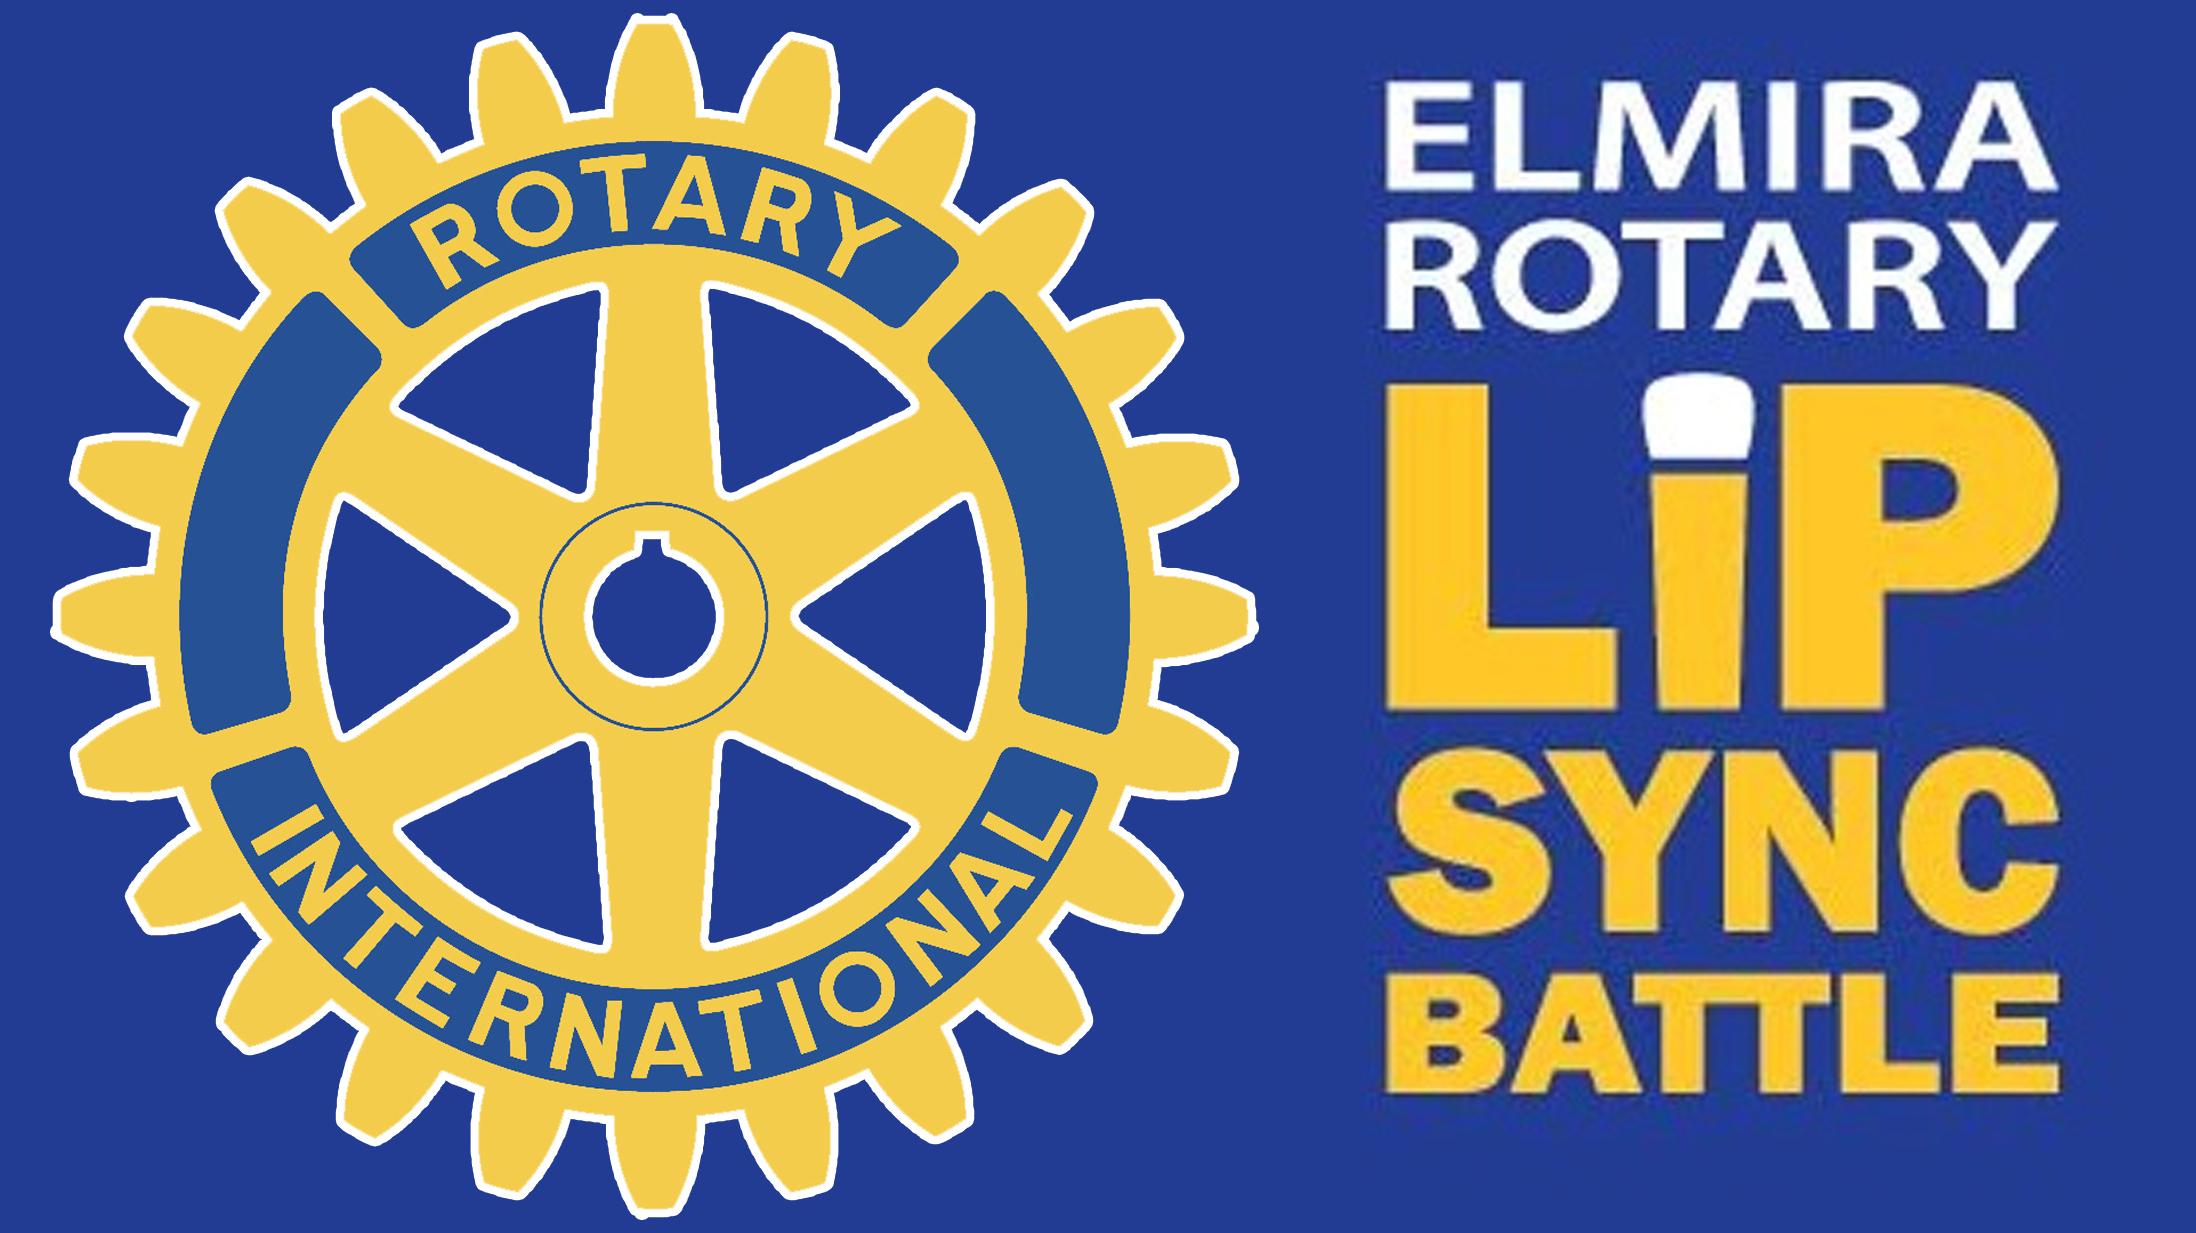 Elmira Rotary 10252015_1445825258500.jpg